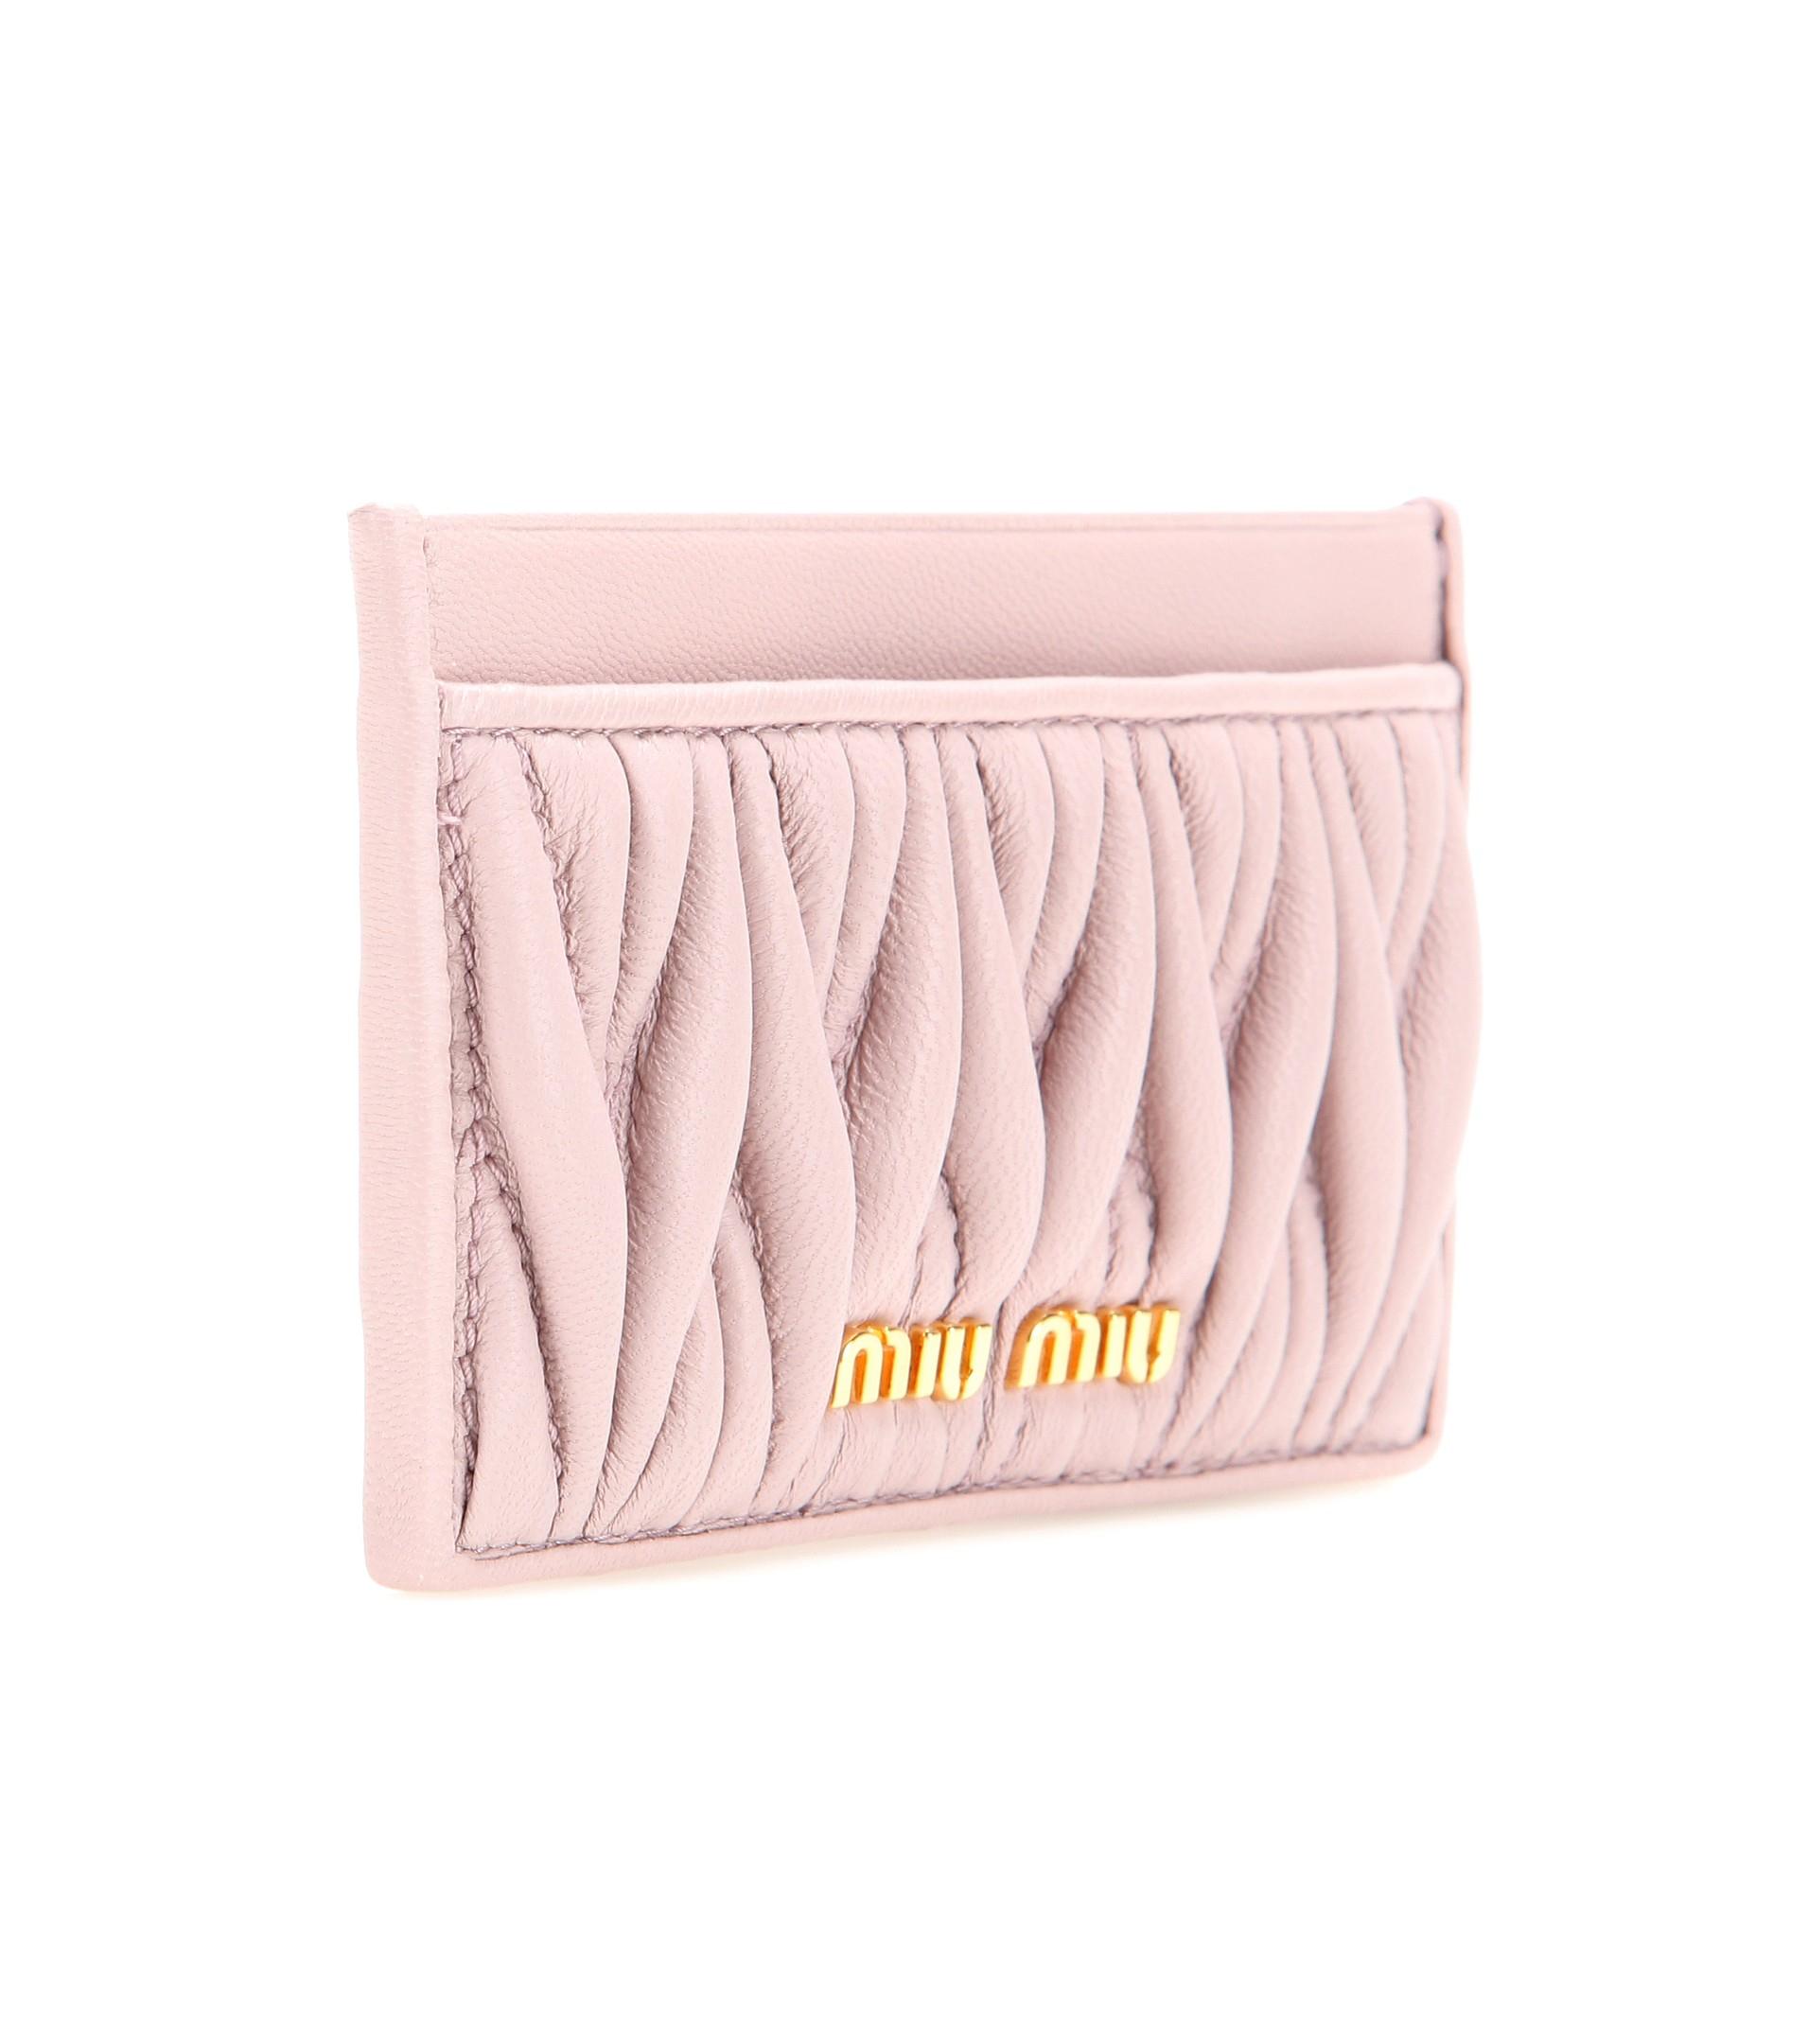 Lyst - Miu Miu Matelassé Leather Card Holder in Pink a2e7a9a500a79